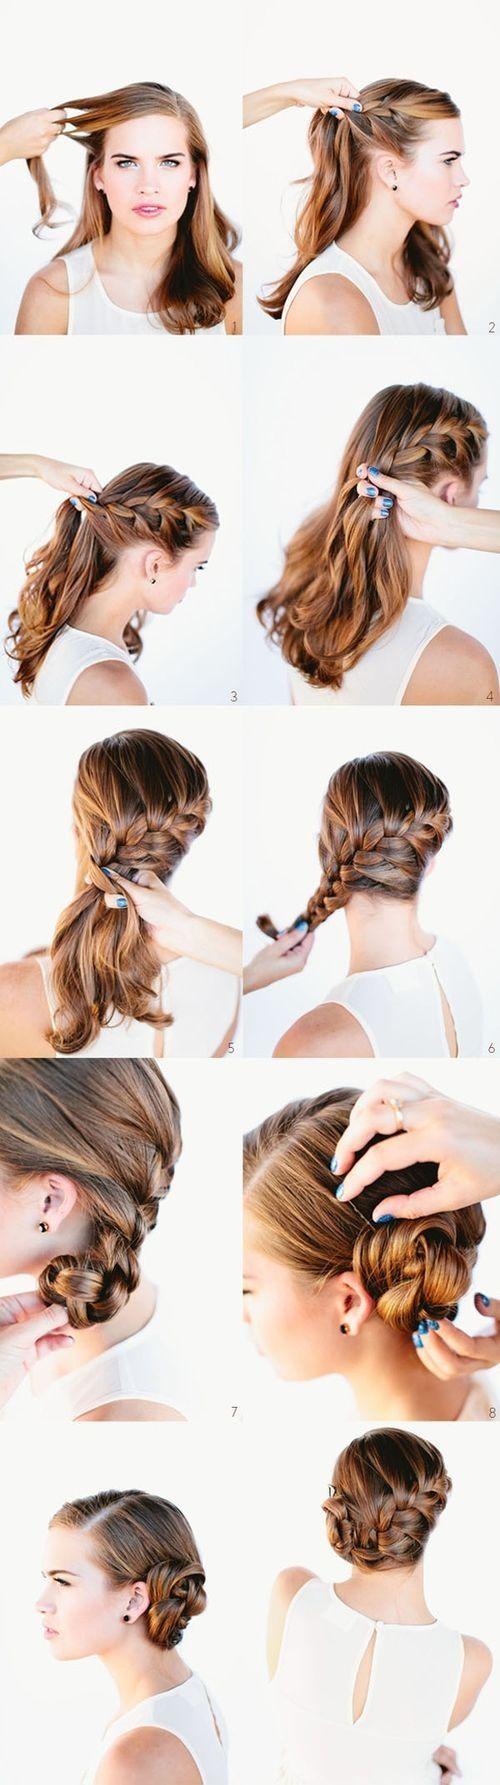 Причёски на средние волосы в домашних условиях своими руками фото